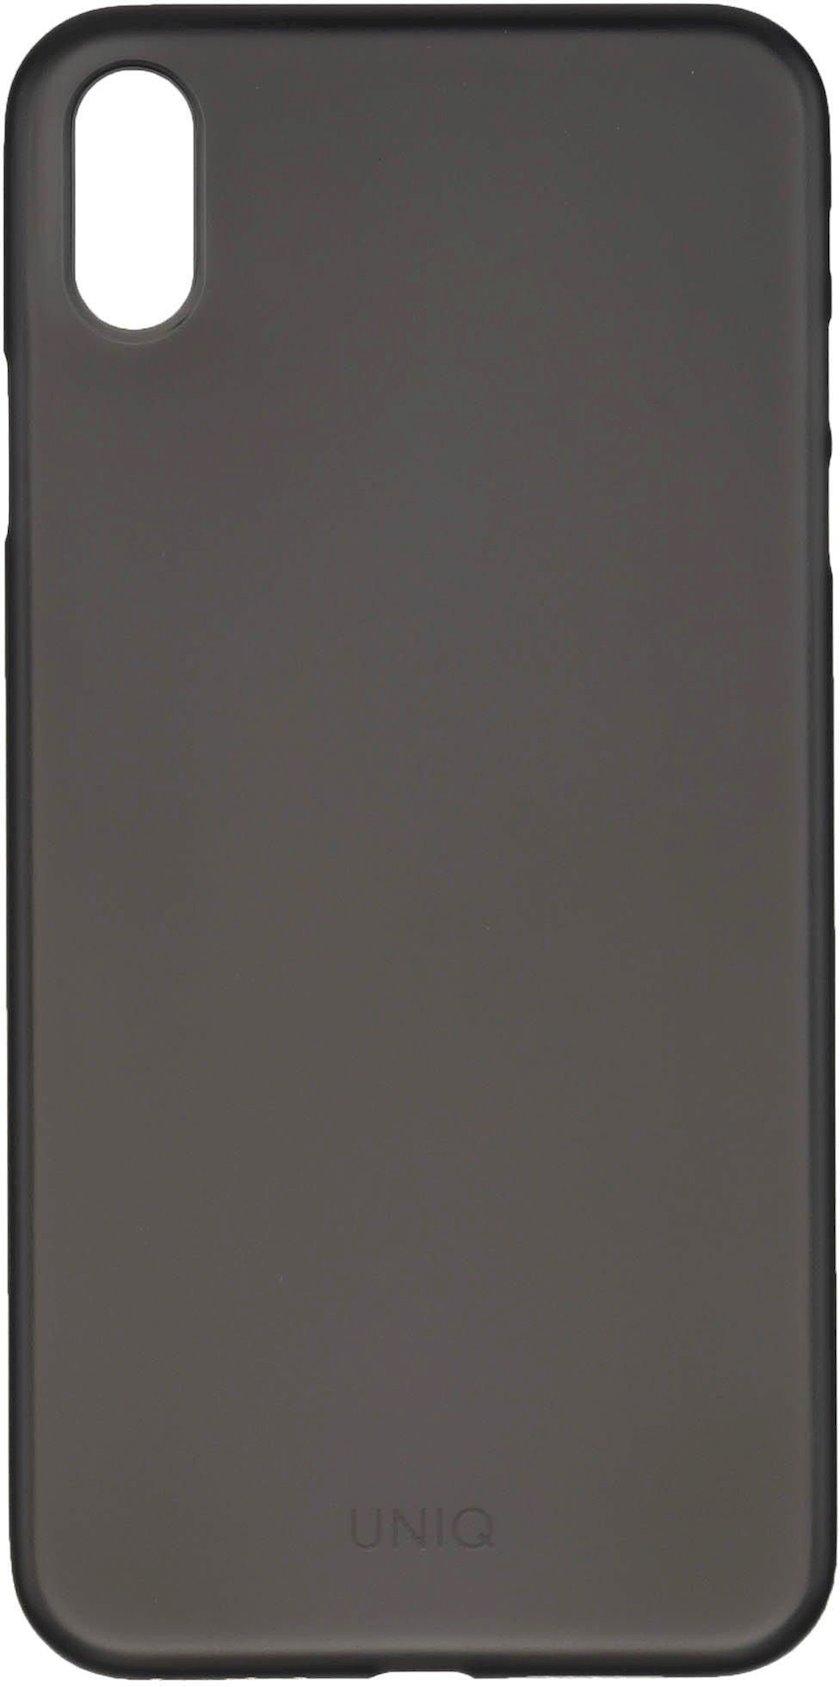 Çexol Uniq Hybrid Bodycon Apple iPhone XS Max Matte Black üçün